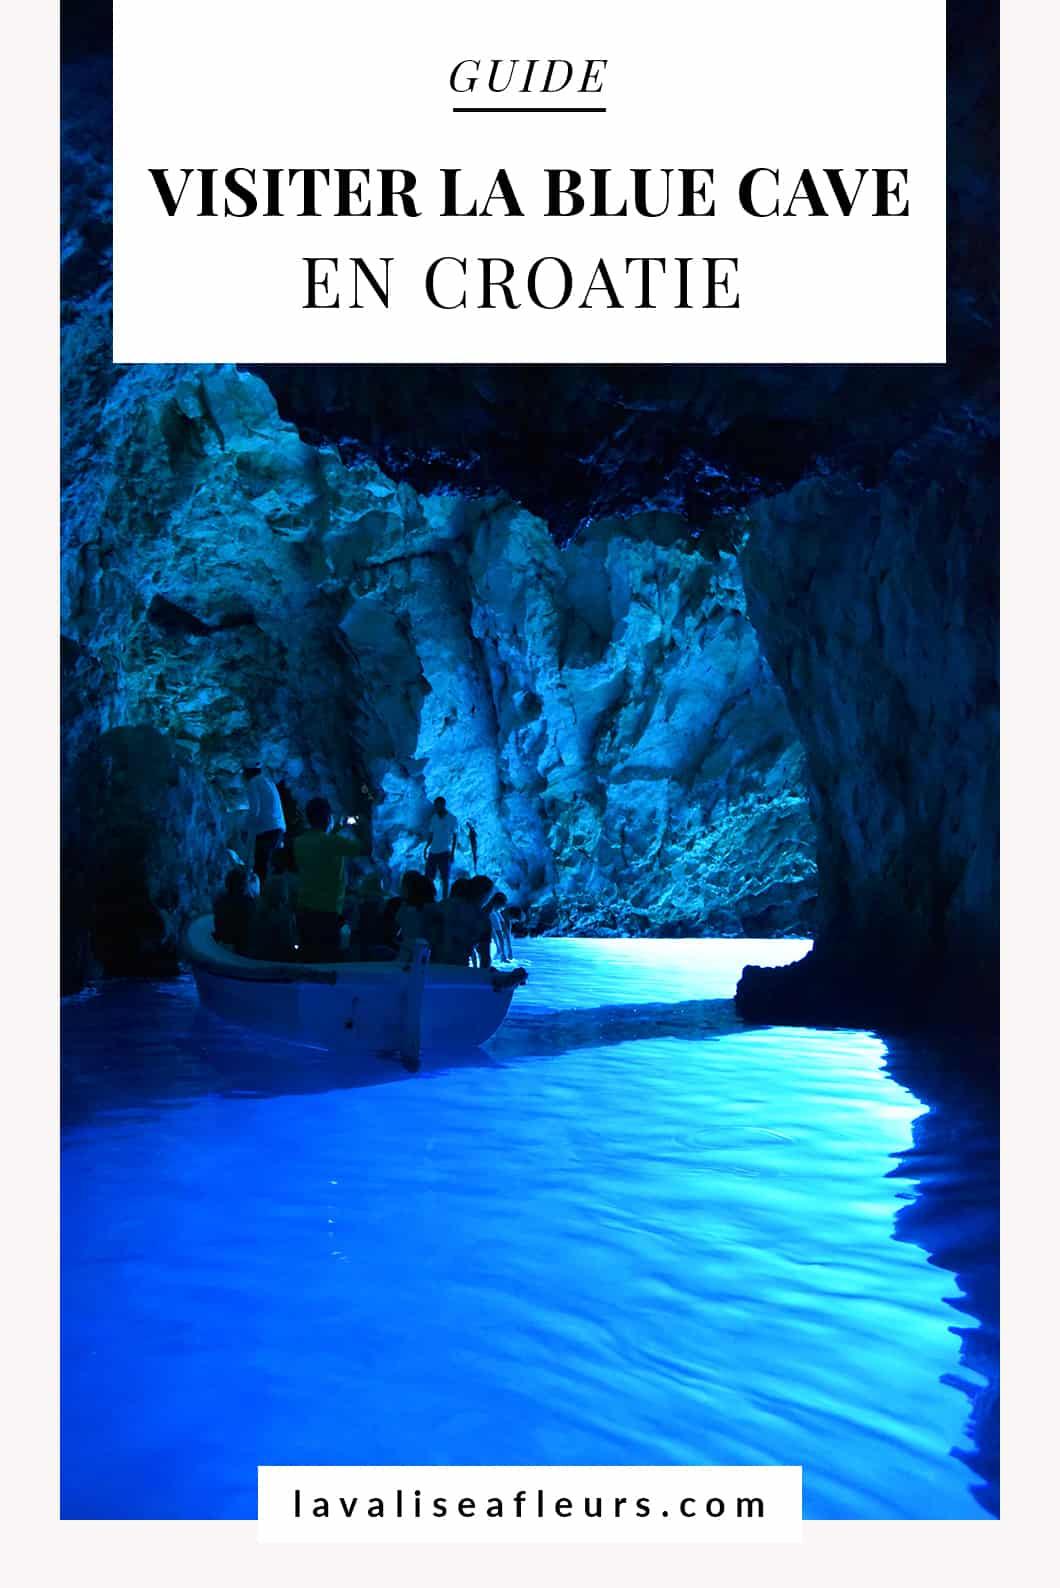 Visiter la blue cave en Croatie